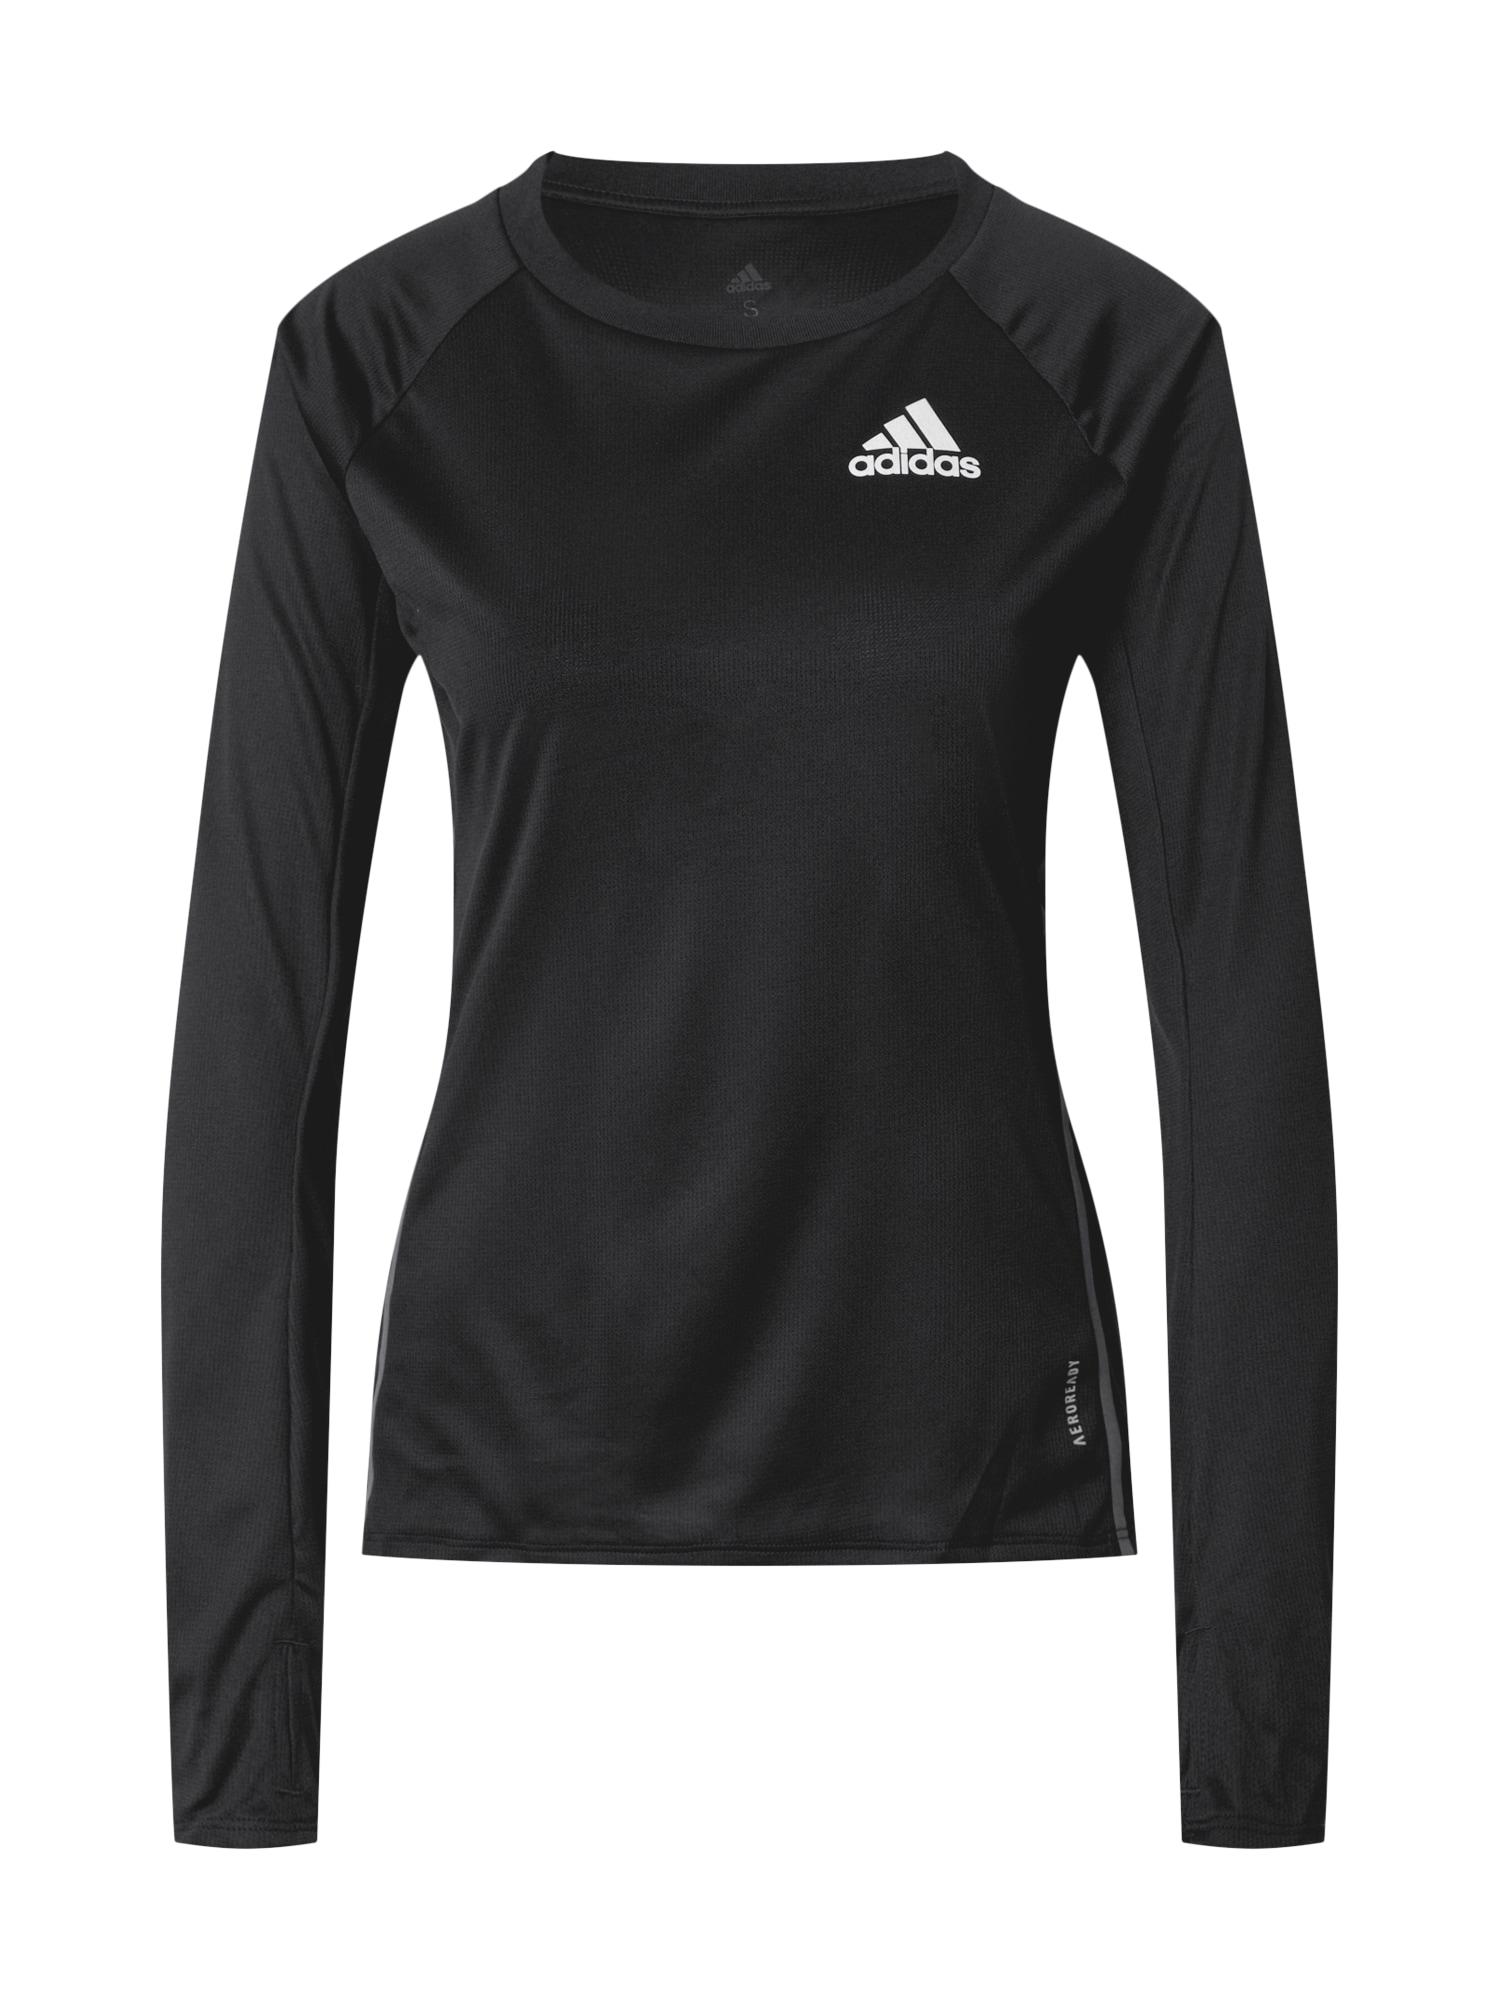 ADIDAS PERFORMANCE Sportiniai marškinėliai balta / juoda / raudona